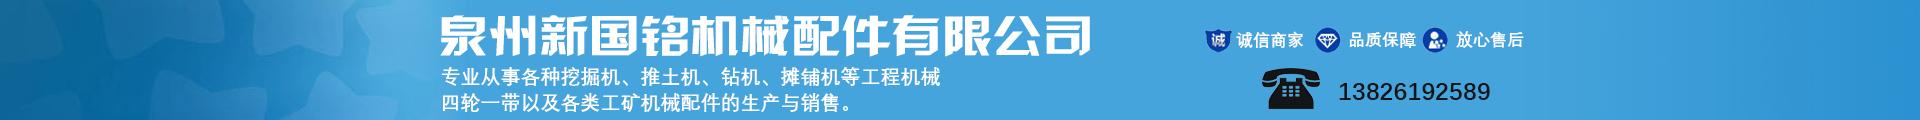 泉州新国铭机械配件有限公司